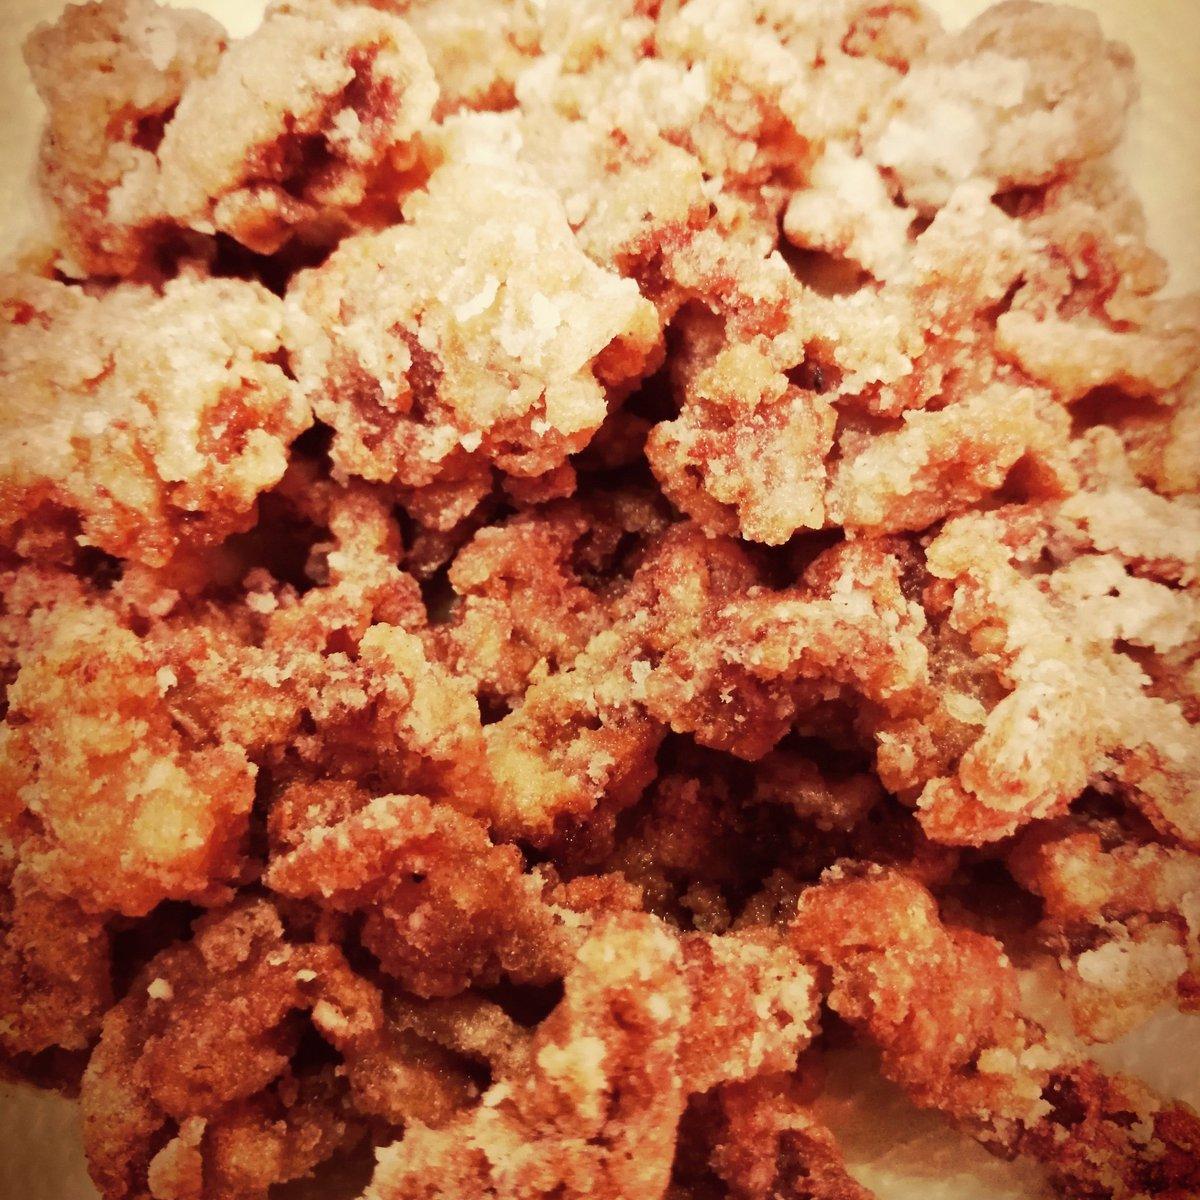 豚バラのカリカリ揚げ カレー風味 作った。揚げながらつまむの最高すぎる